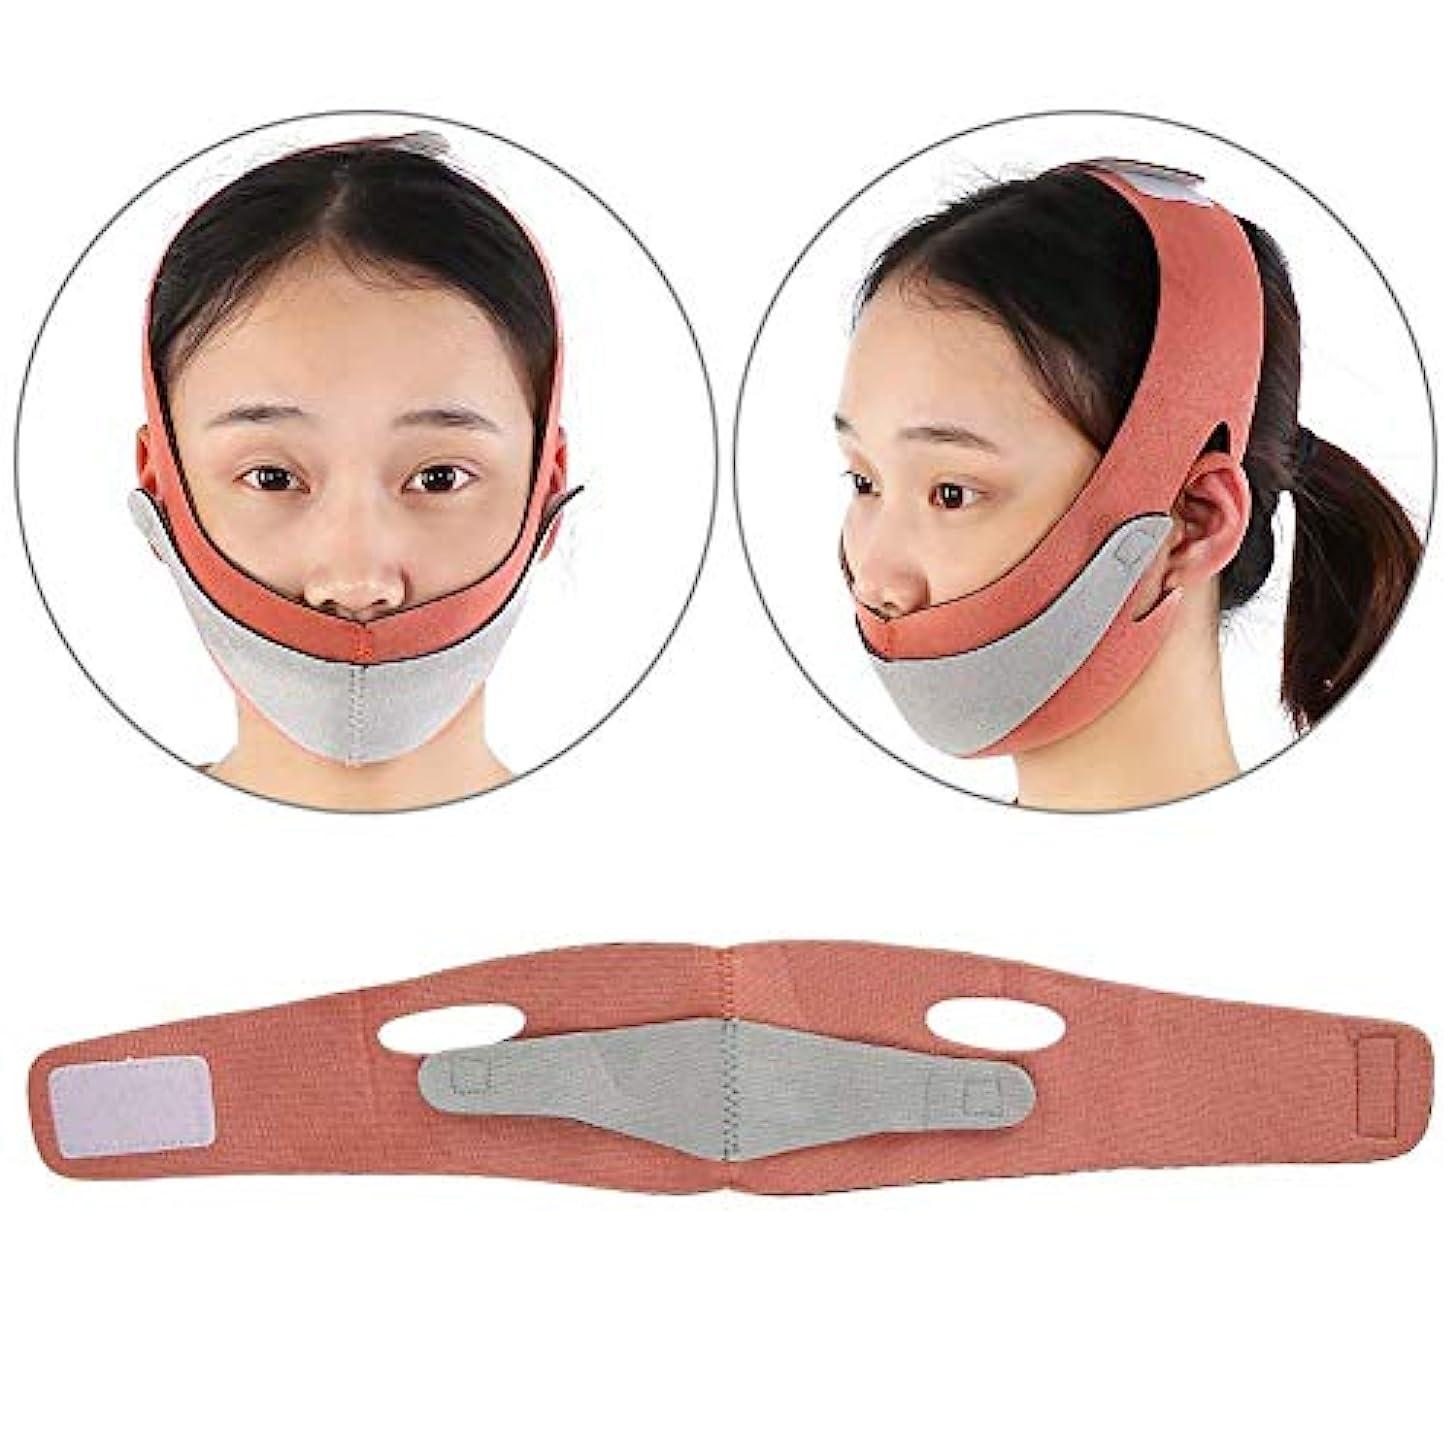 宿る枕天窓顔の輪郭を改善し、二重あご、脂肪蓄積、筋肉弛緩を効果的に改善するためのVフェイス美容包帯(02)